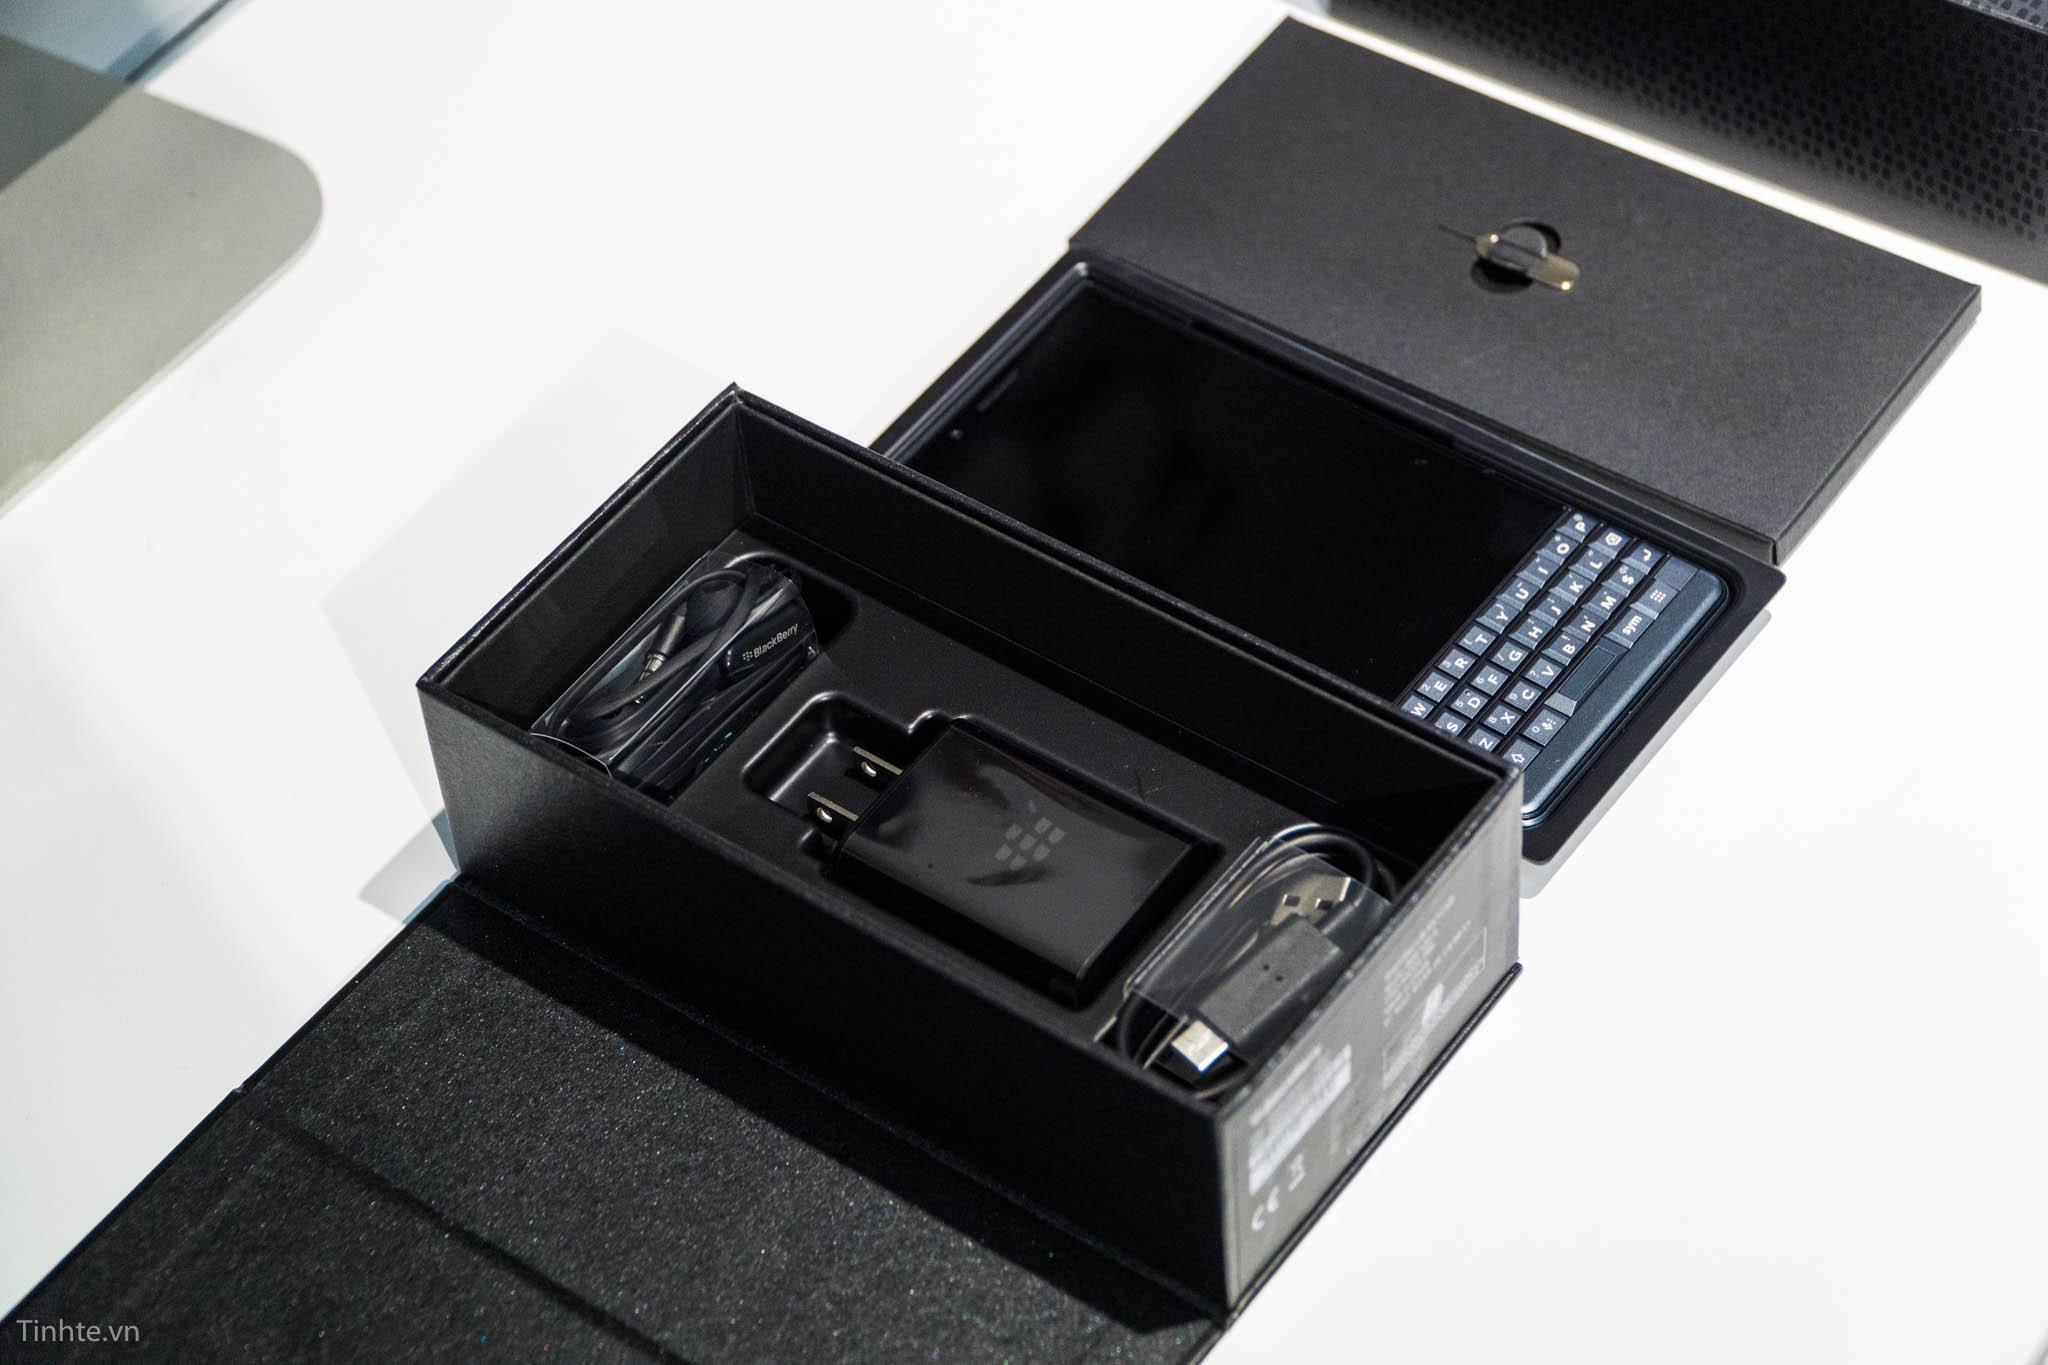 tinhte_blackberry_key2_le-3.jpg